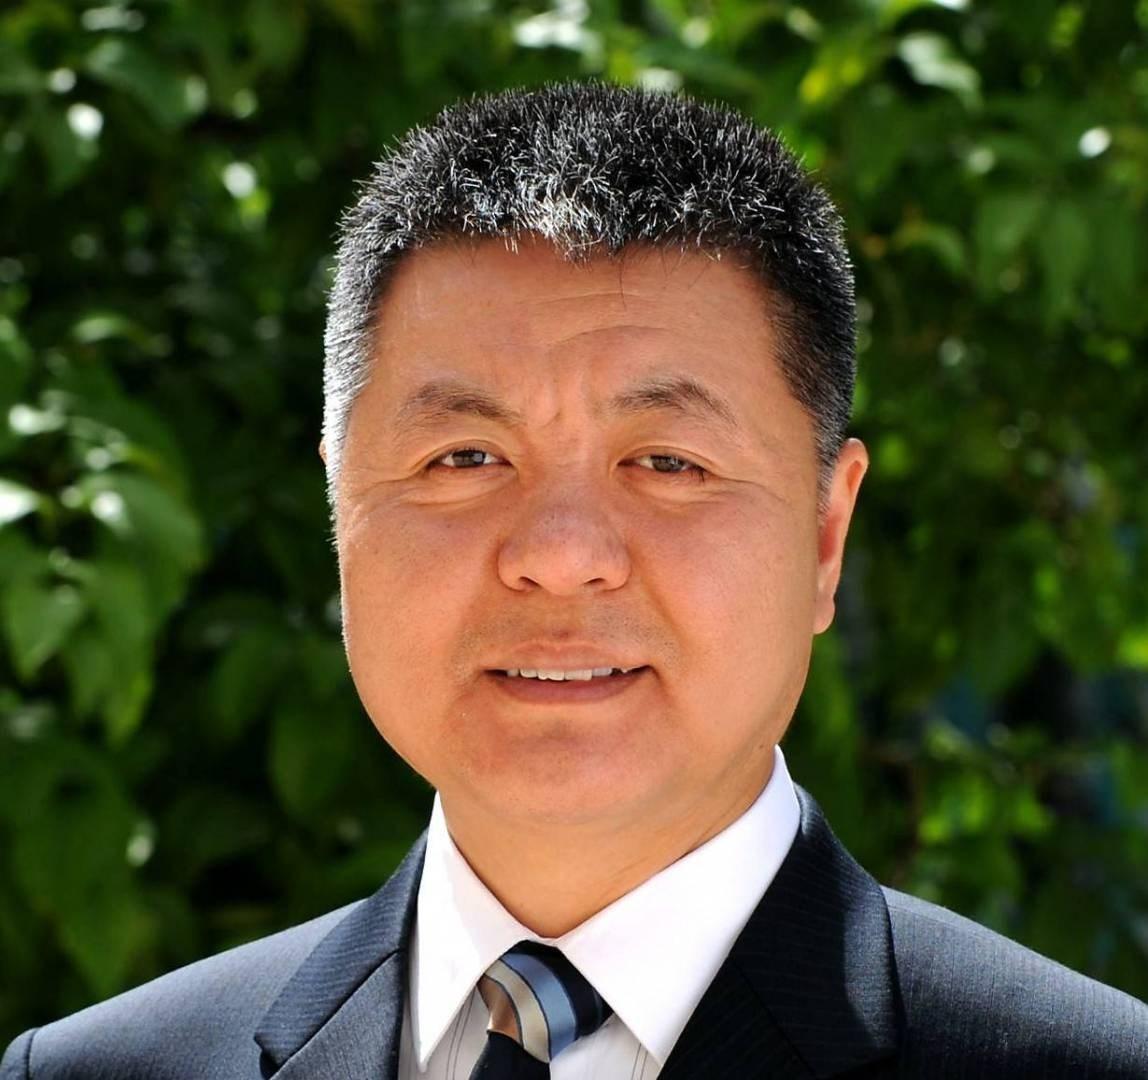 السفير الصيني في لبنان للميادين نت: الأطباء اللبنانيون من الطراز الأول ولقاح كورونا قد يبصر النور في أيلول